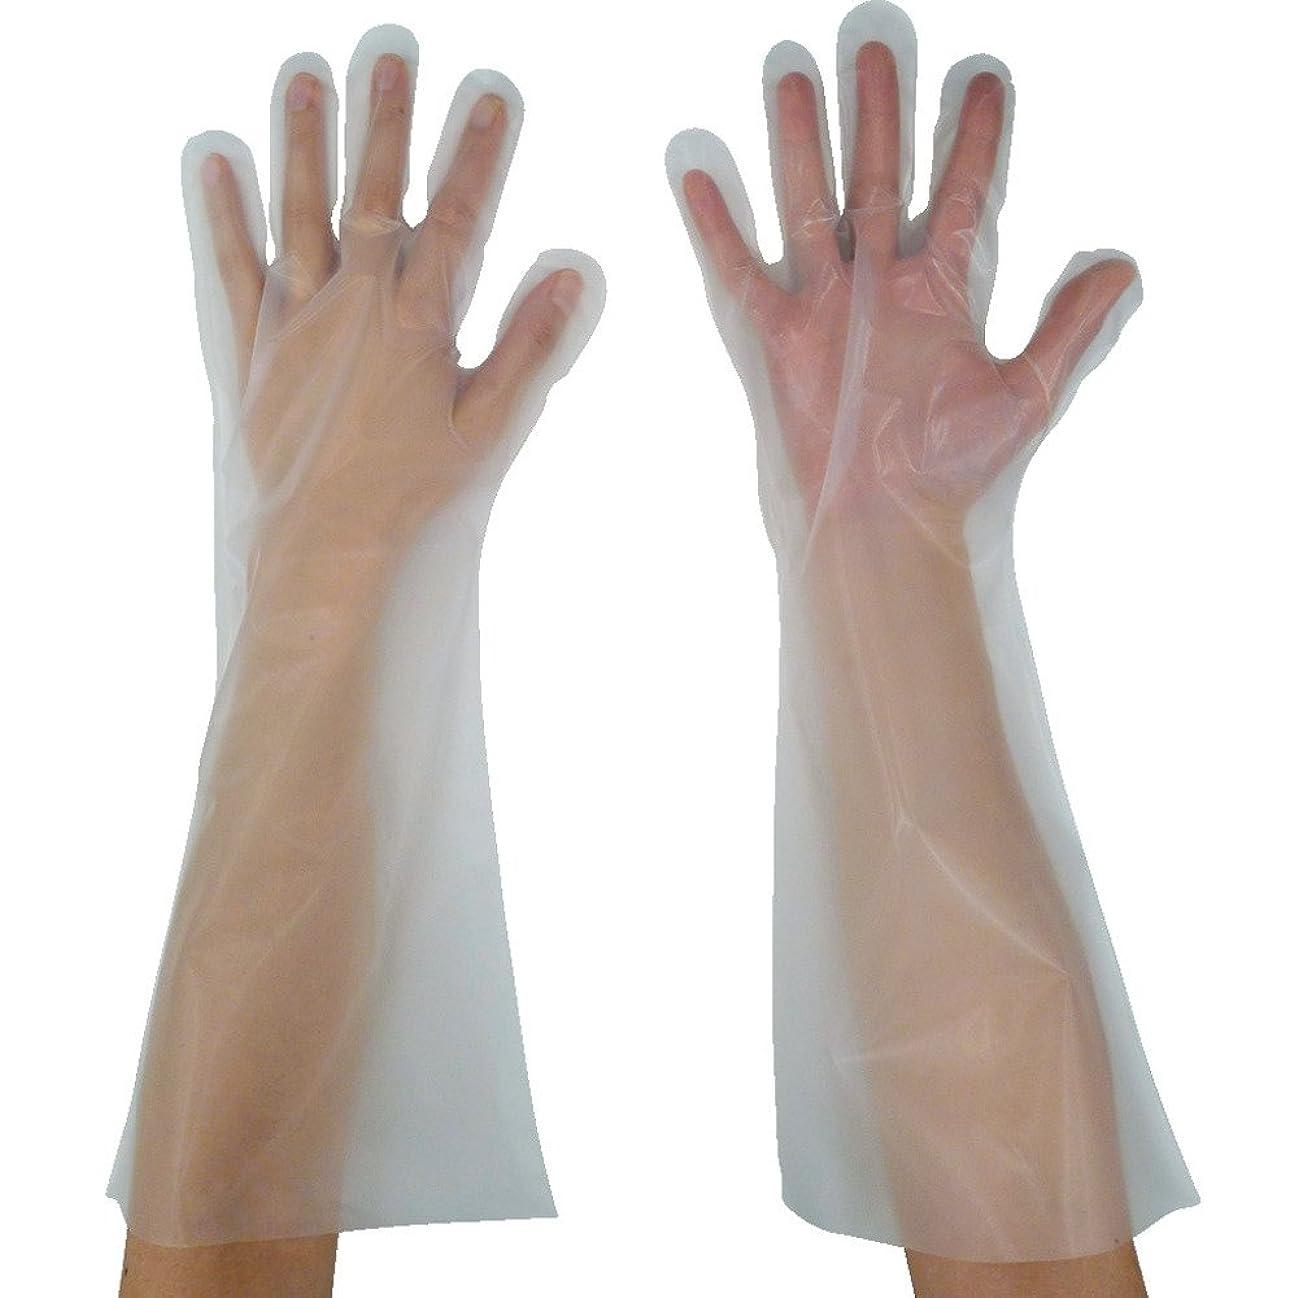 任命招待スチュワーデス東京パック 緊急災害対策用手袋ロング五本絞りM 半透明 KL-M ポリエチレン使い捨て手袋